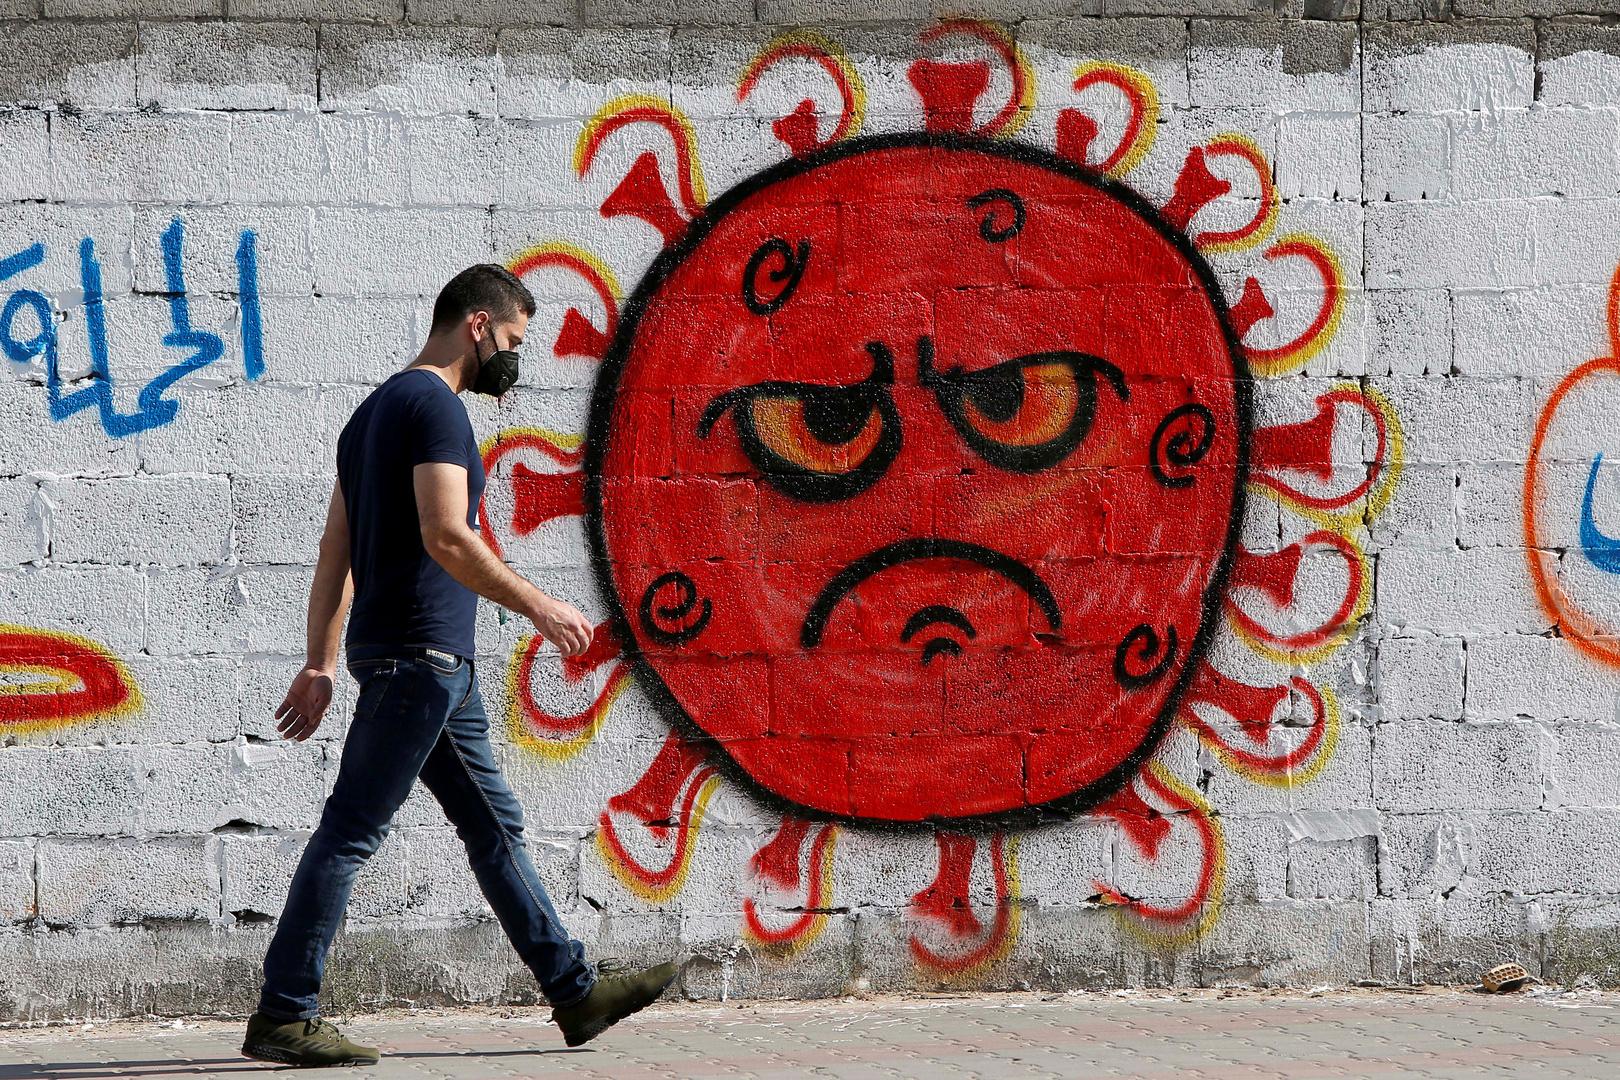 وزارة الصحة الفلسطينية تتعاقد مع أربع شركات لتوريد لقاح ضد فيروس كورونا